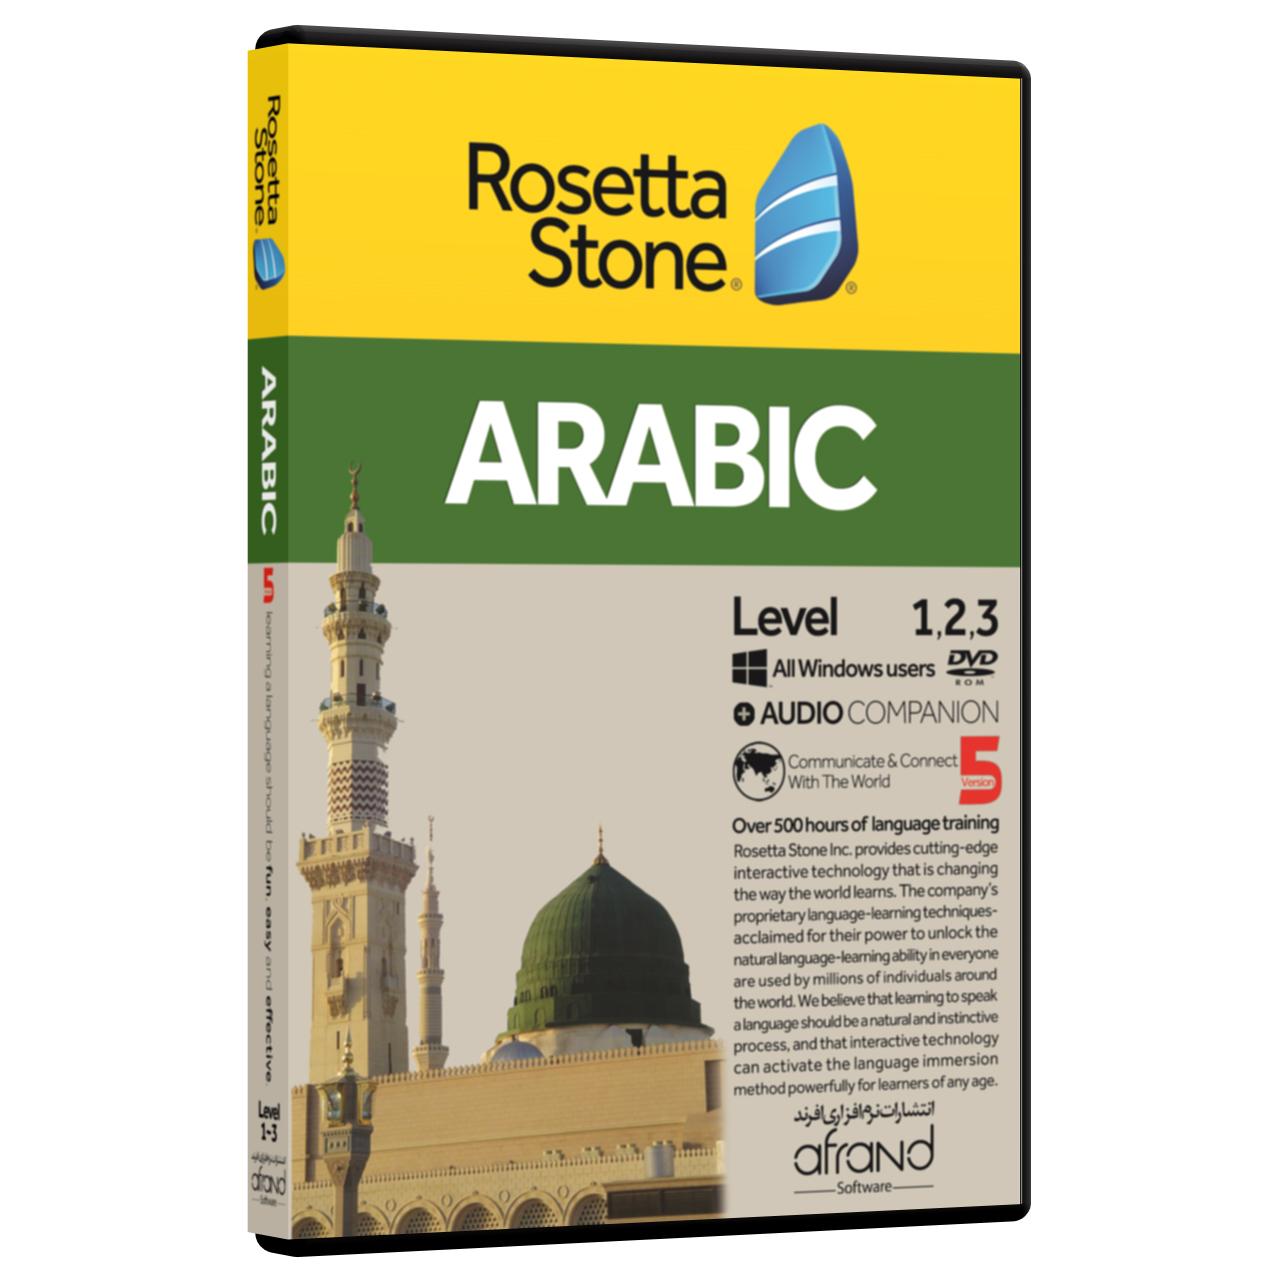 نرم افزار آموزش زبان عربی رزتااستون نسخه 5 انتشارات نرم افزاری افرند